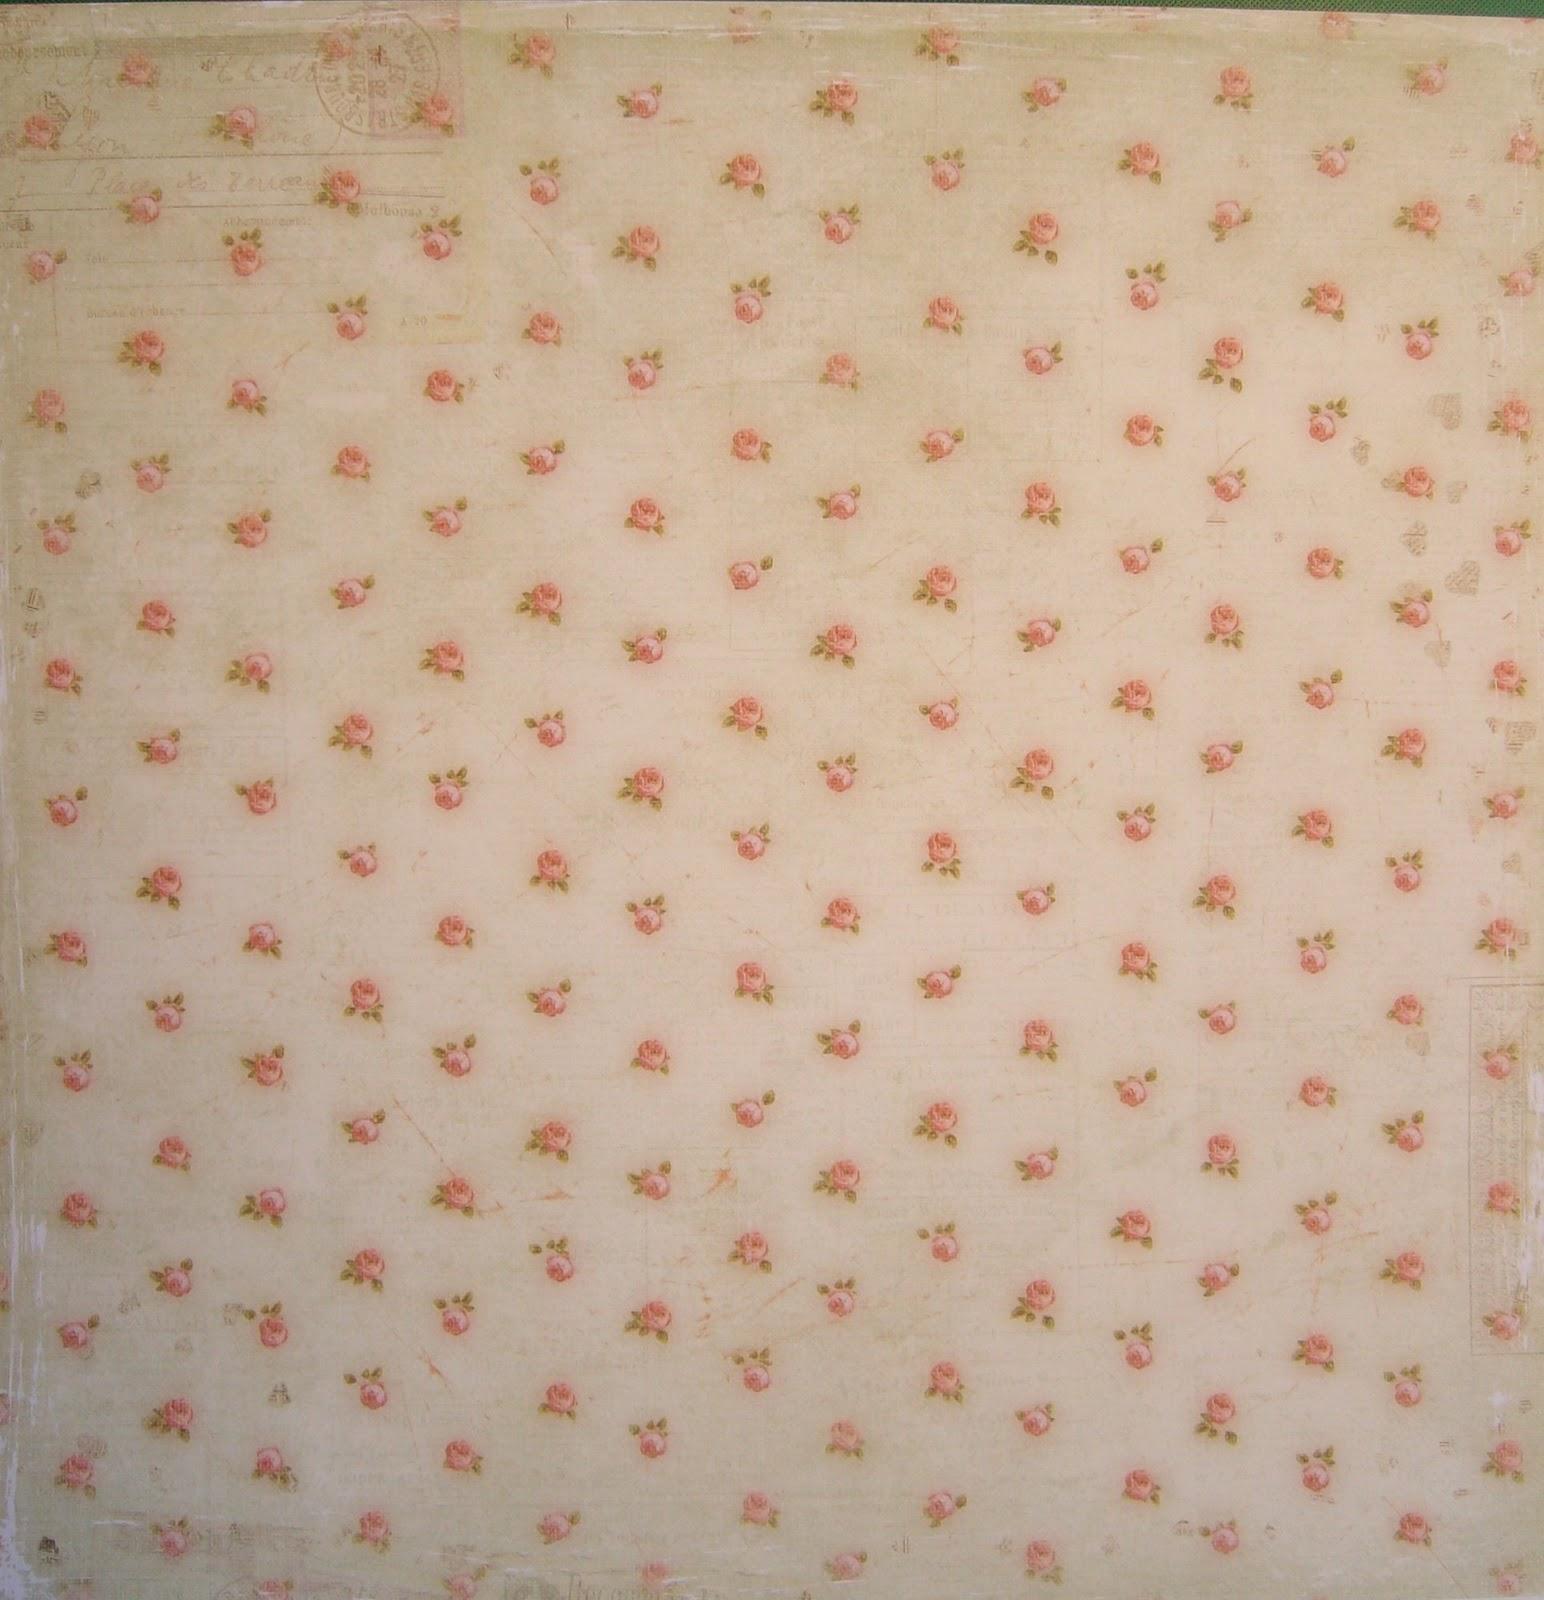 Papeles servilletas y telas de tere papel vintage 026 - Papeles y telas ...